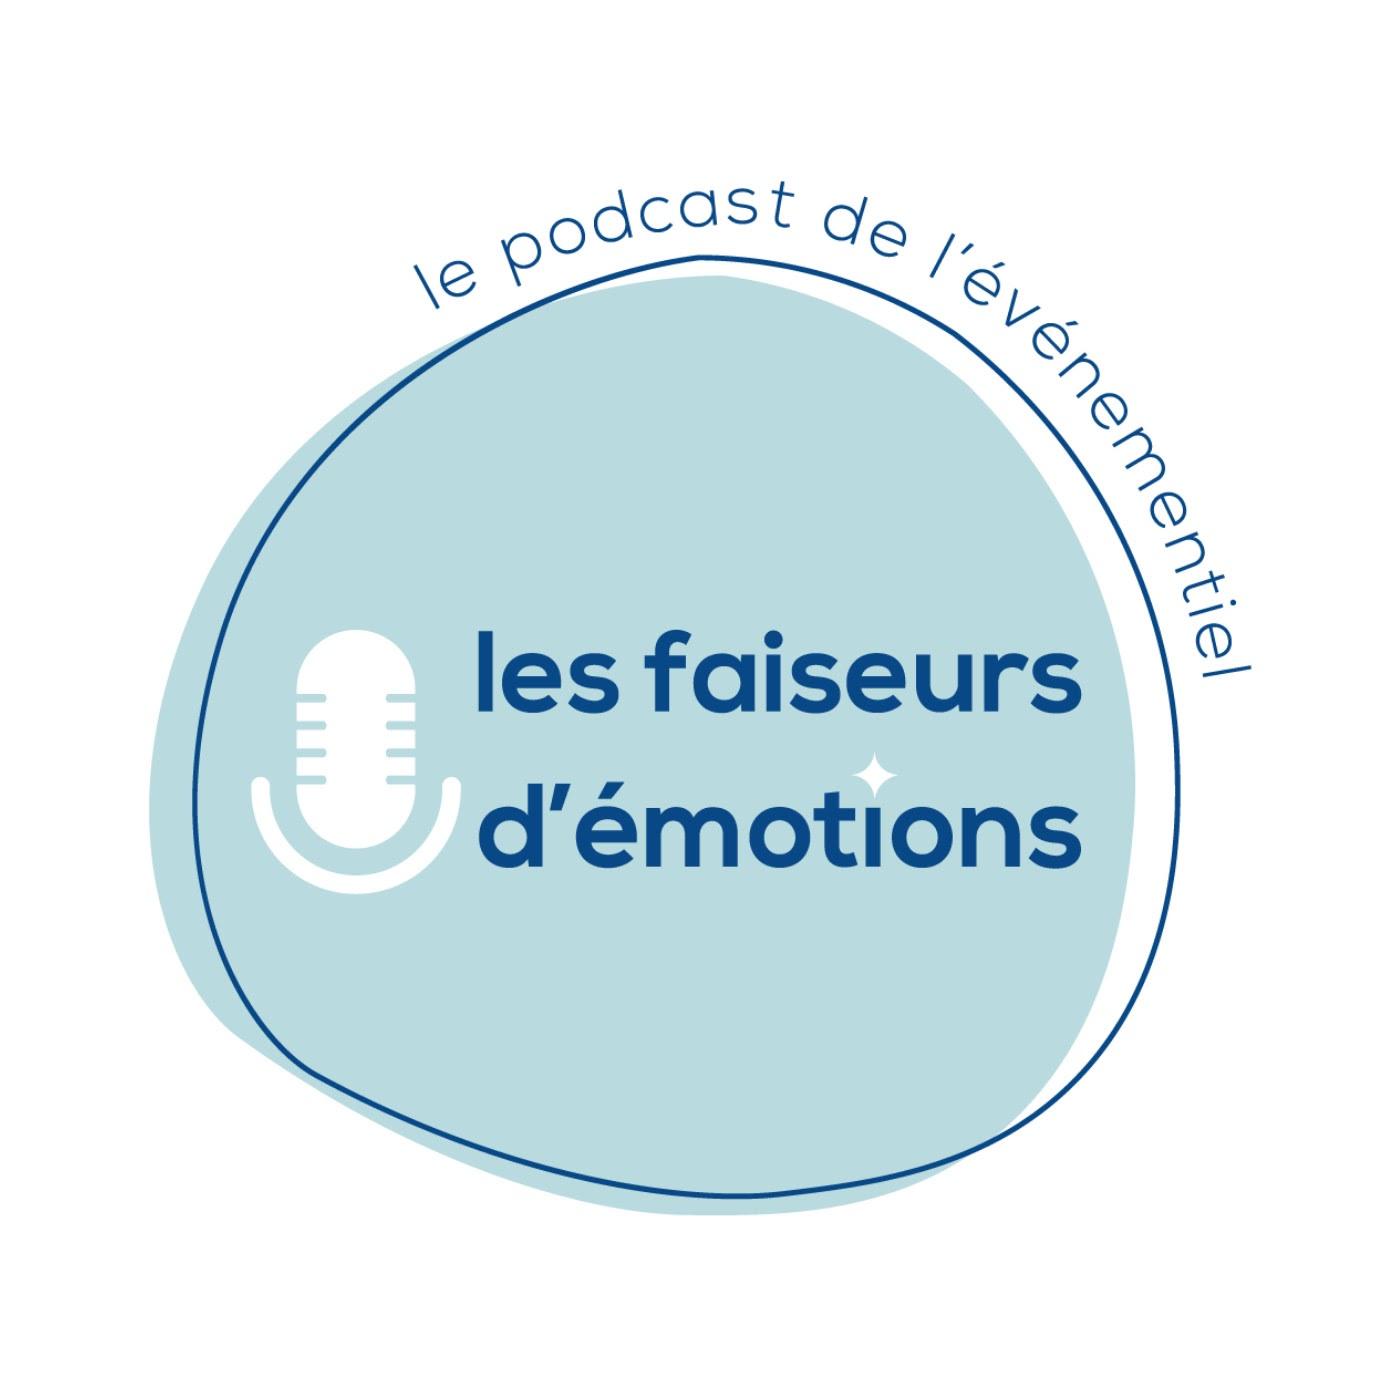 podcast faiseurs d'emotions